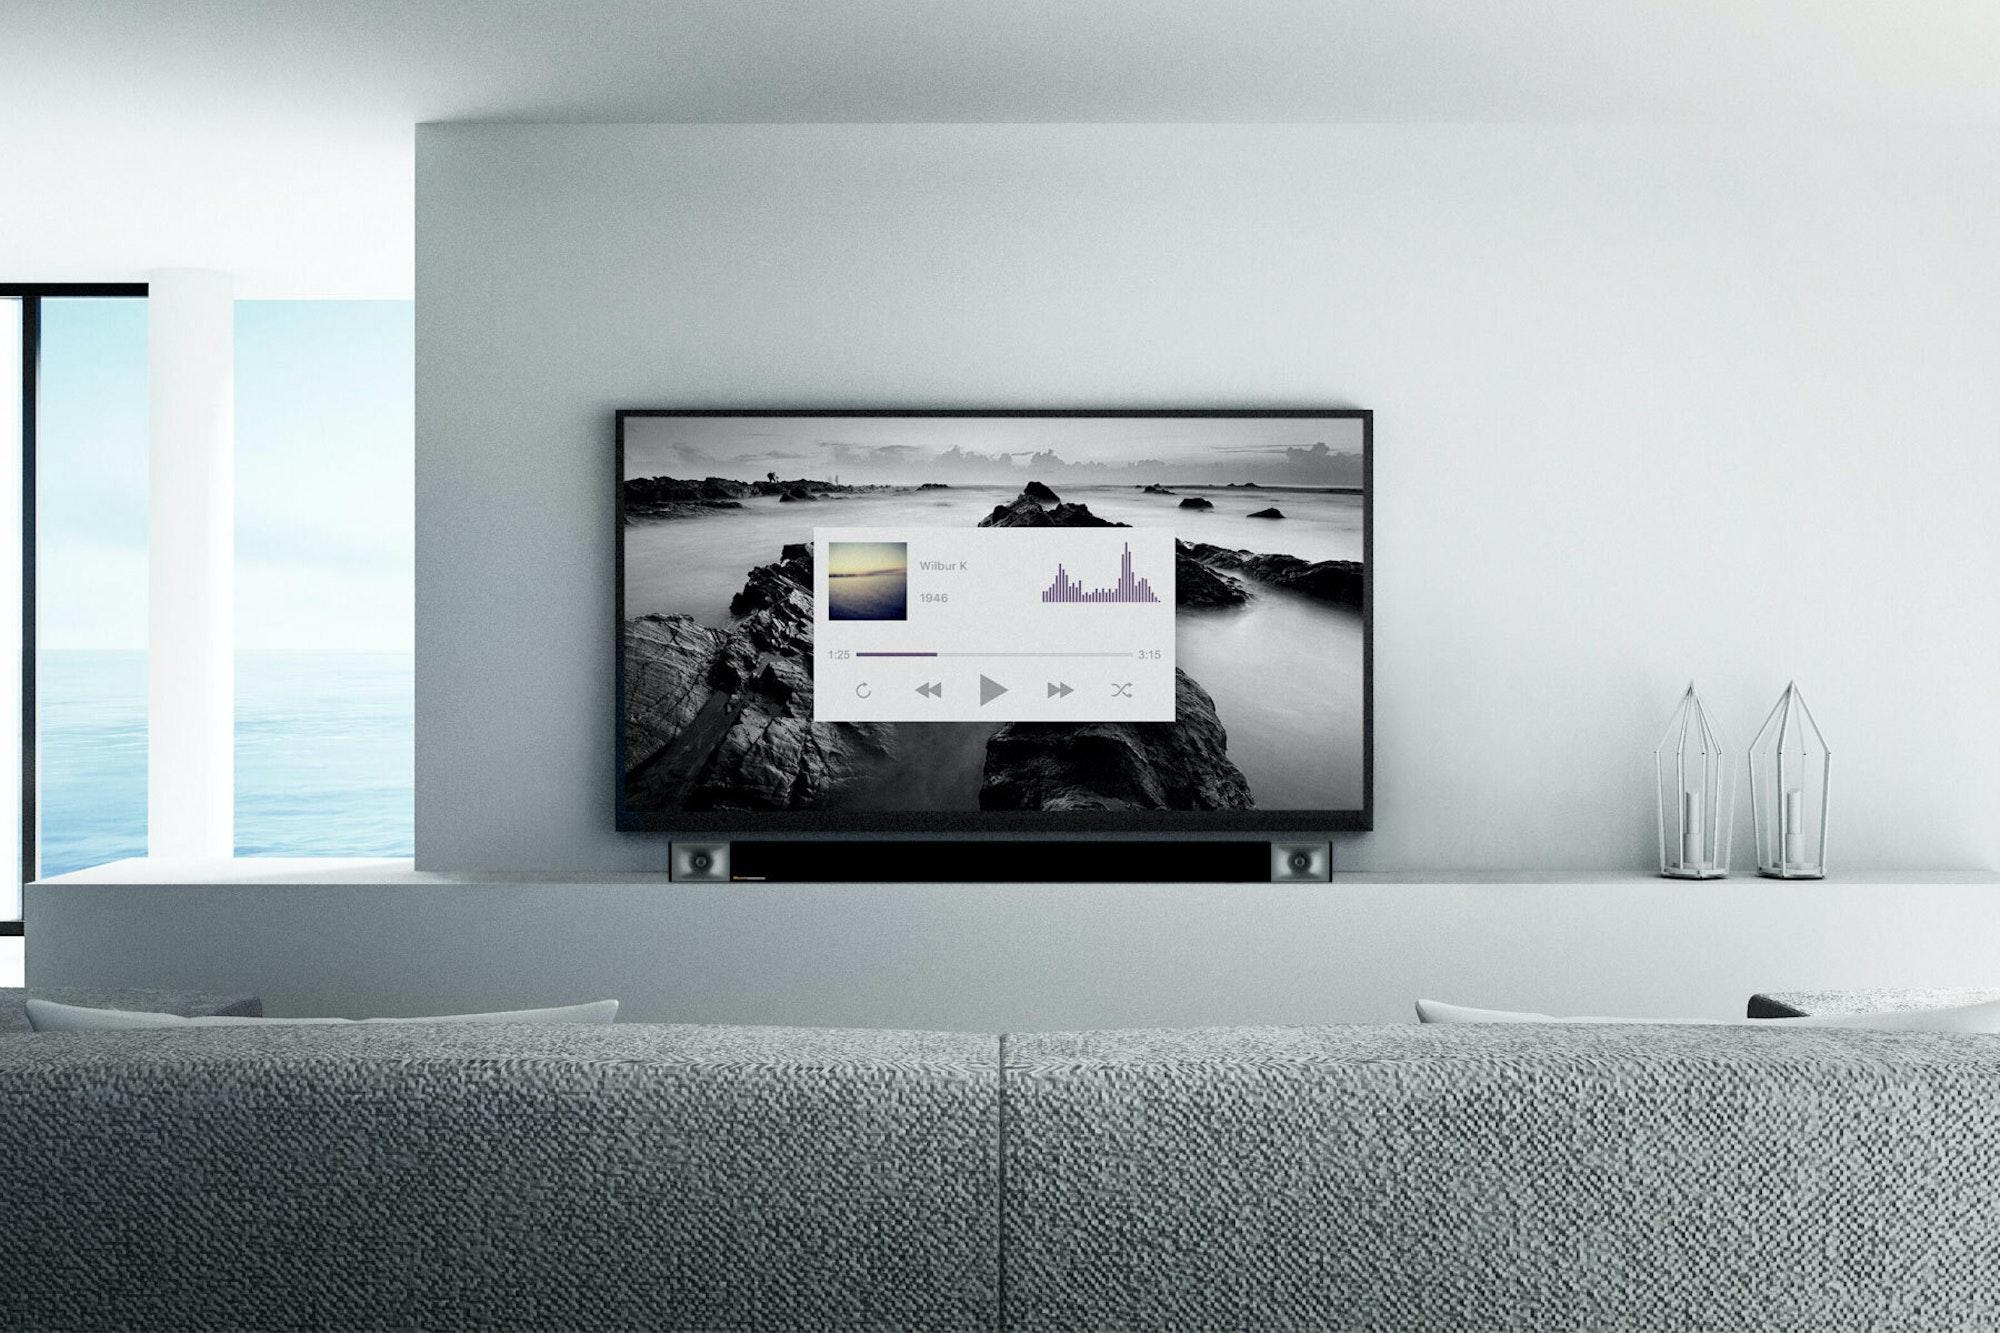 Klipsch cinema dolby atmos sound bar apartment below tv